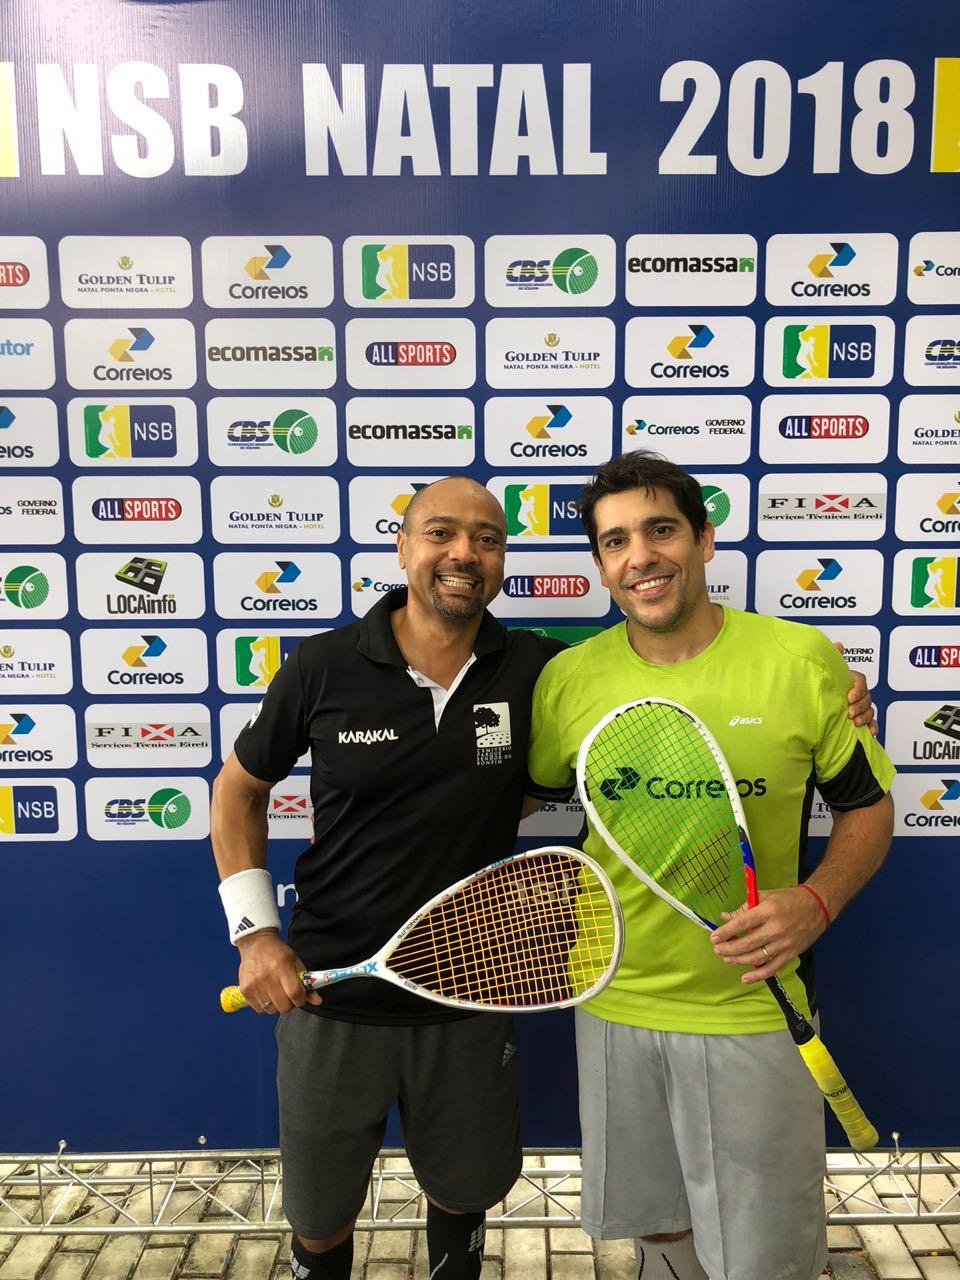 Circuito de Squash Profissional – NSB chega à final neste domingo (22), em Natal